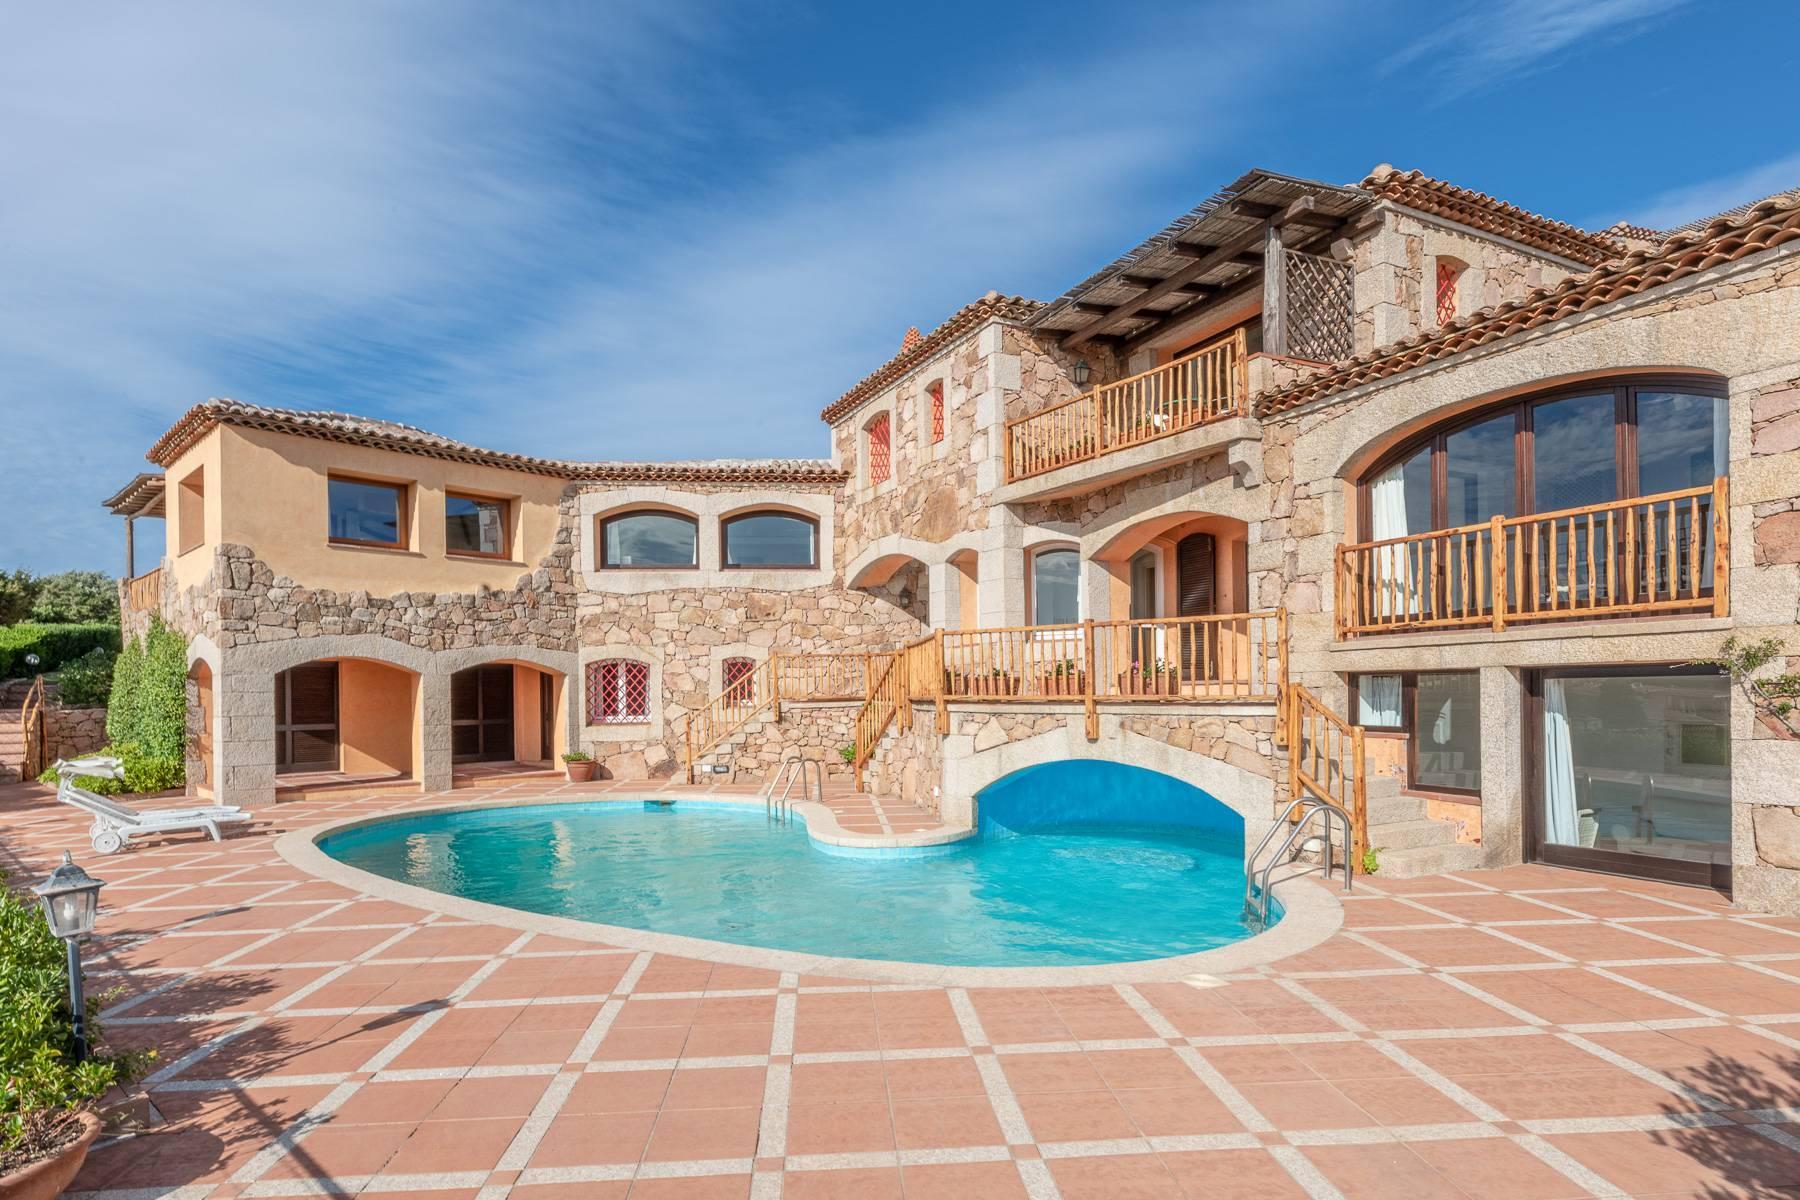 Importante villa indipendente con un impareggiabile panorama, nel cuore di Porto Cervo. - 2